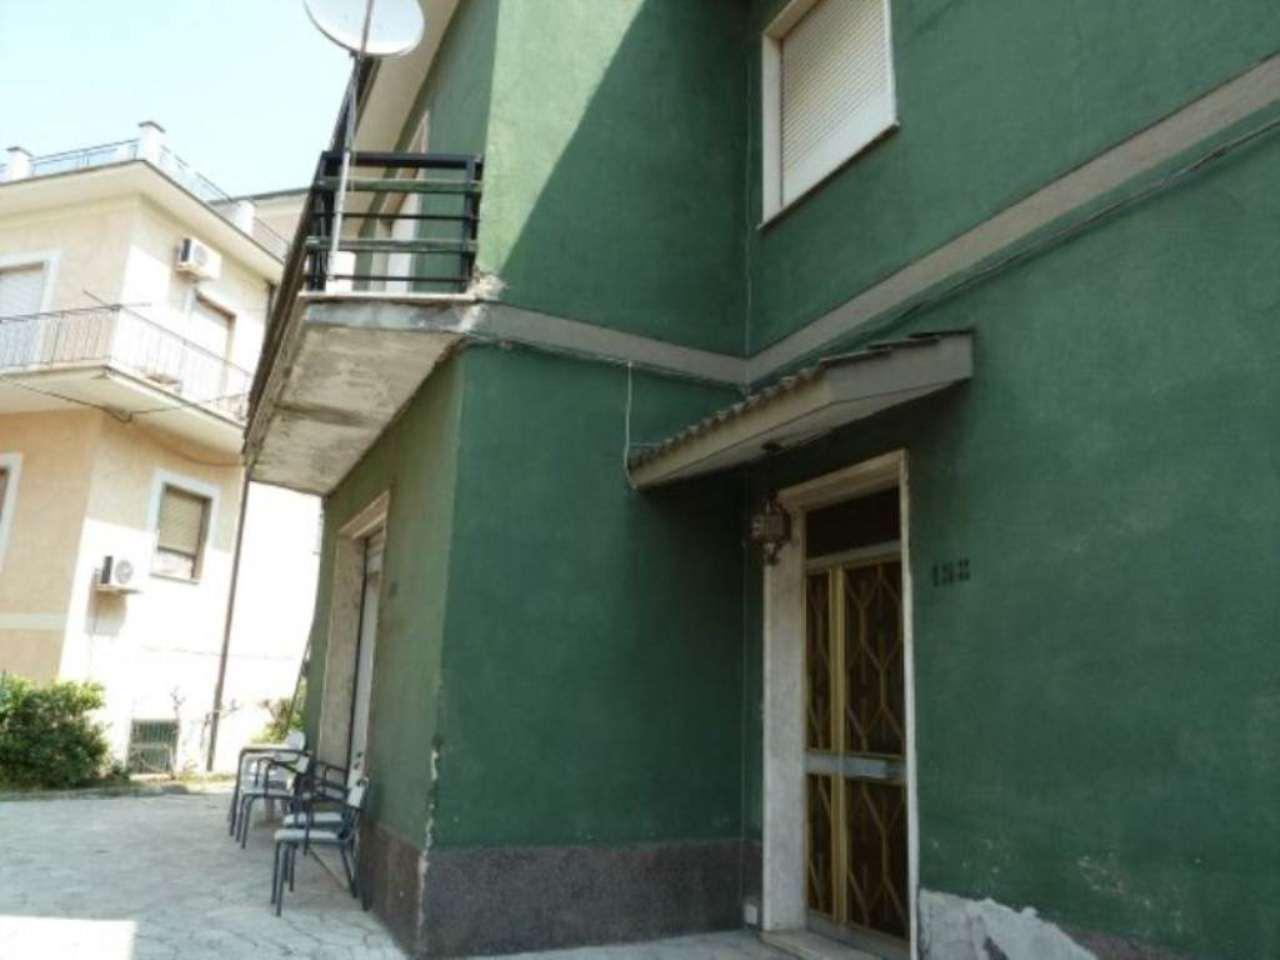 Villa in vendita a Carsoli, 6 locali, prezzo € 220.000 | CambioCasa.it